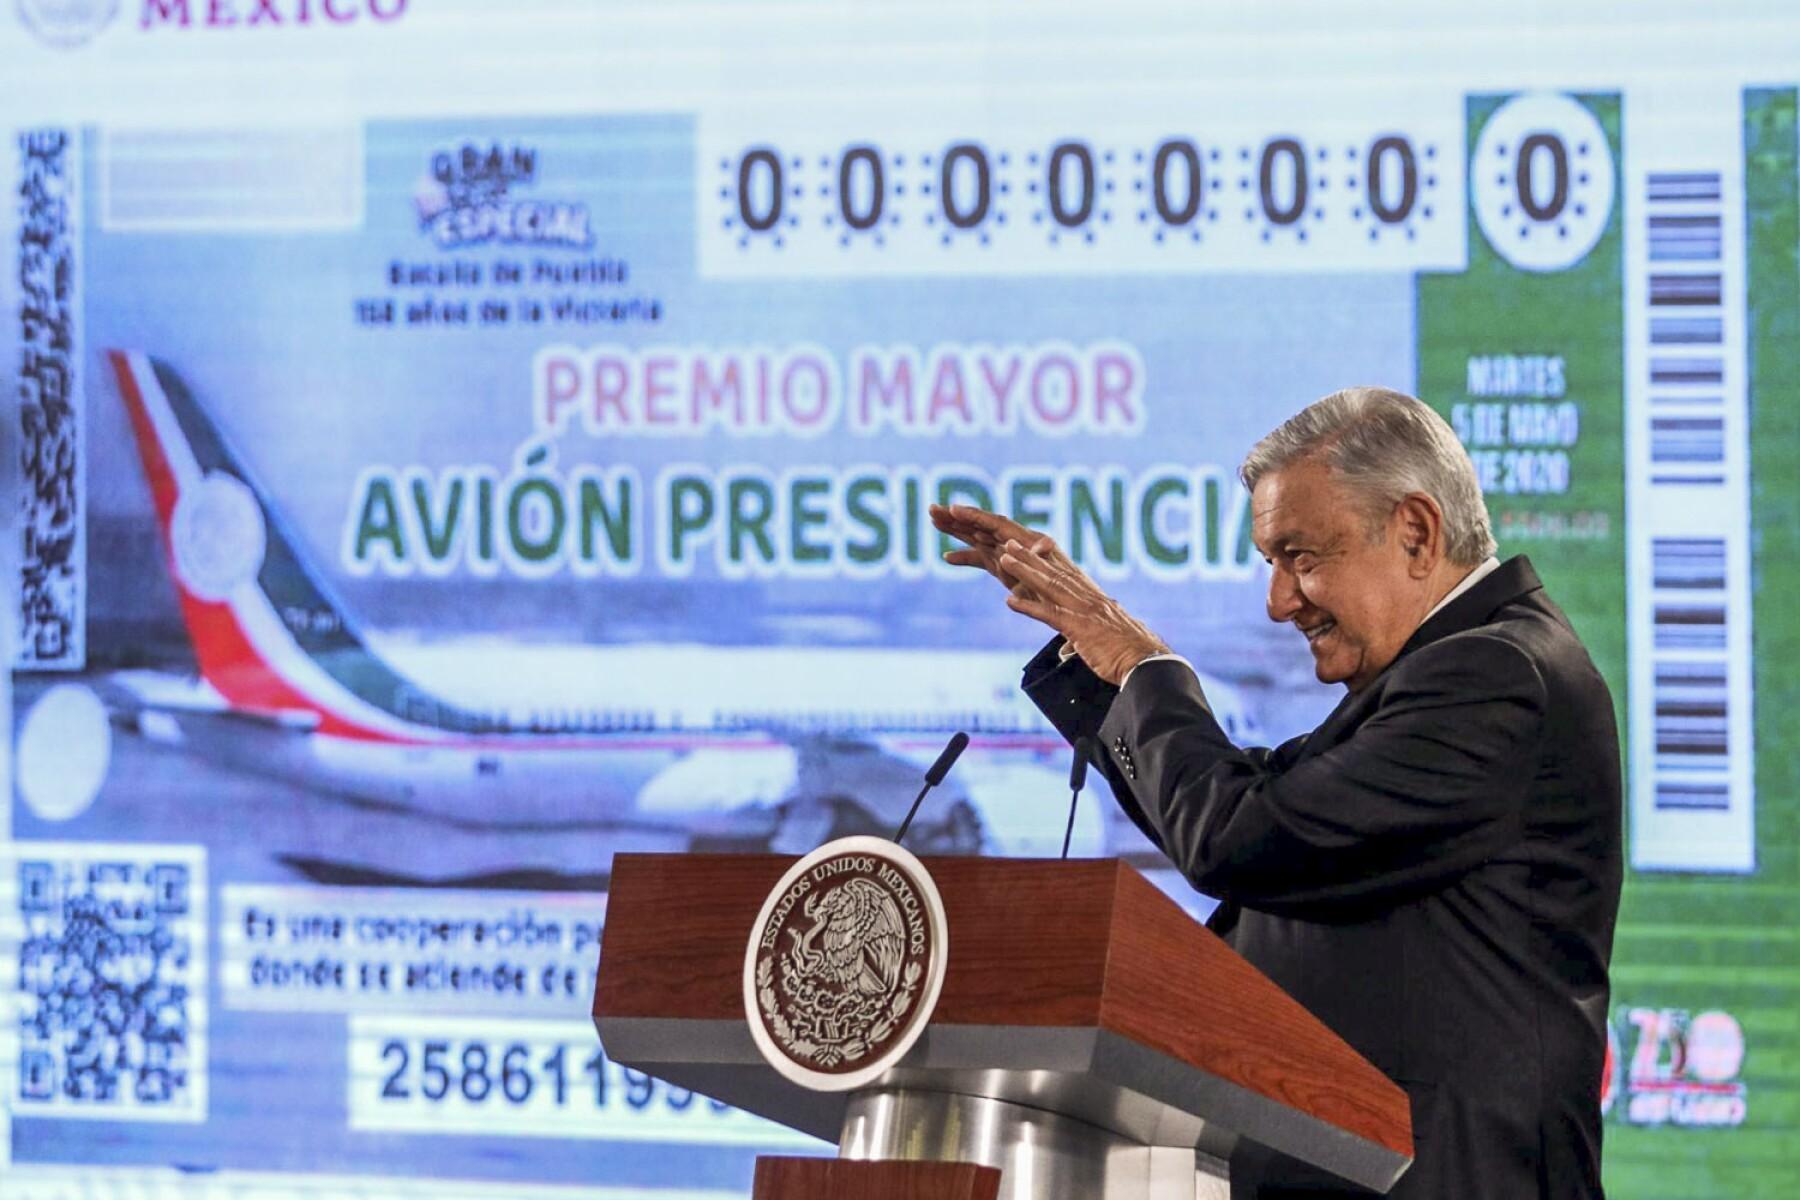 AMLO presenta 'cachito' para rifa del avión presidencial